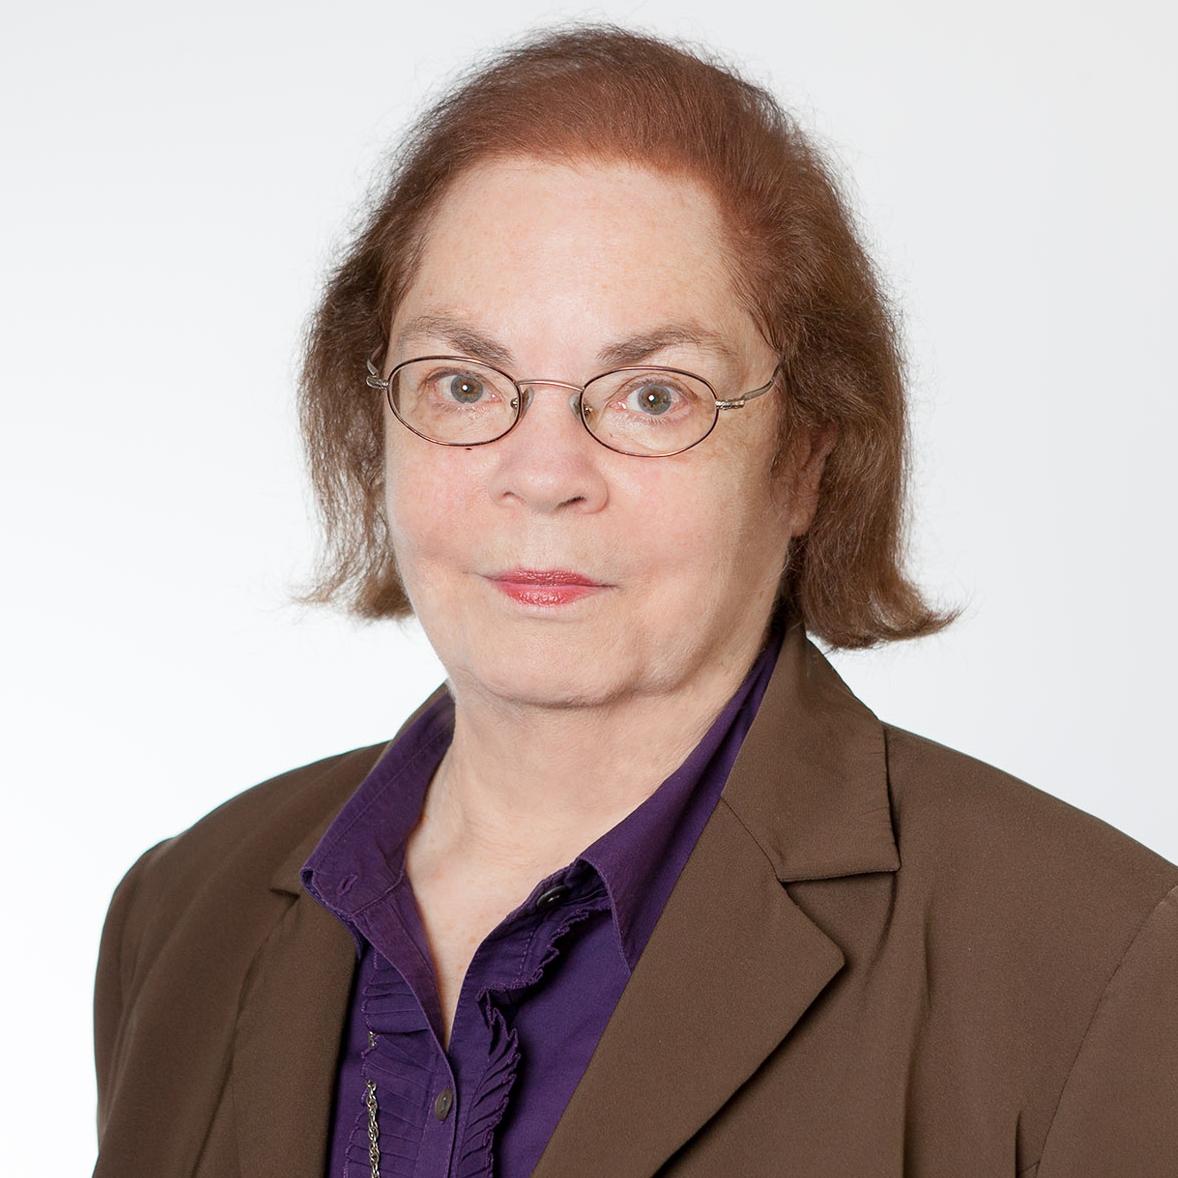 Linda Koch   lkoch@friedmanroth.com  646.453.5847